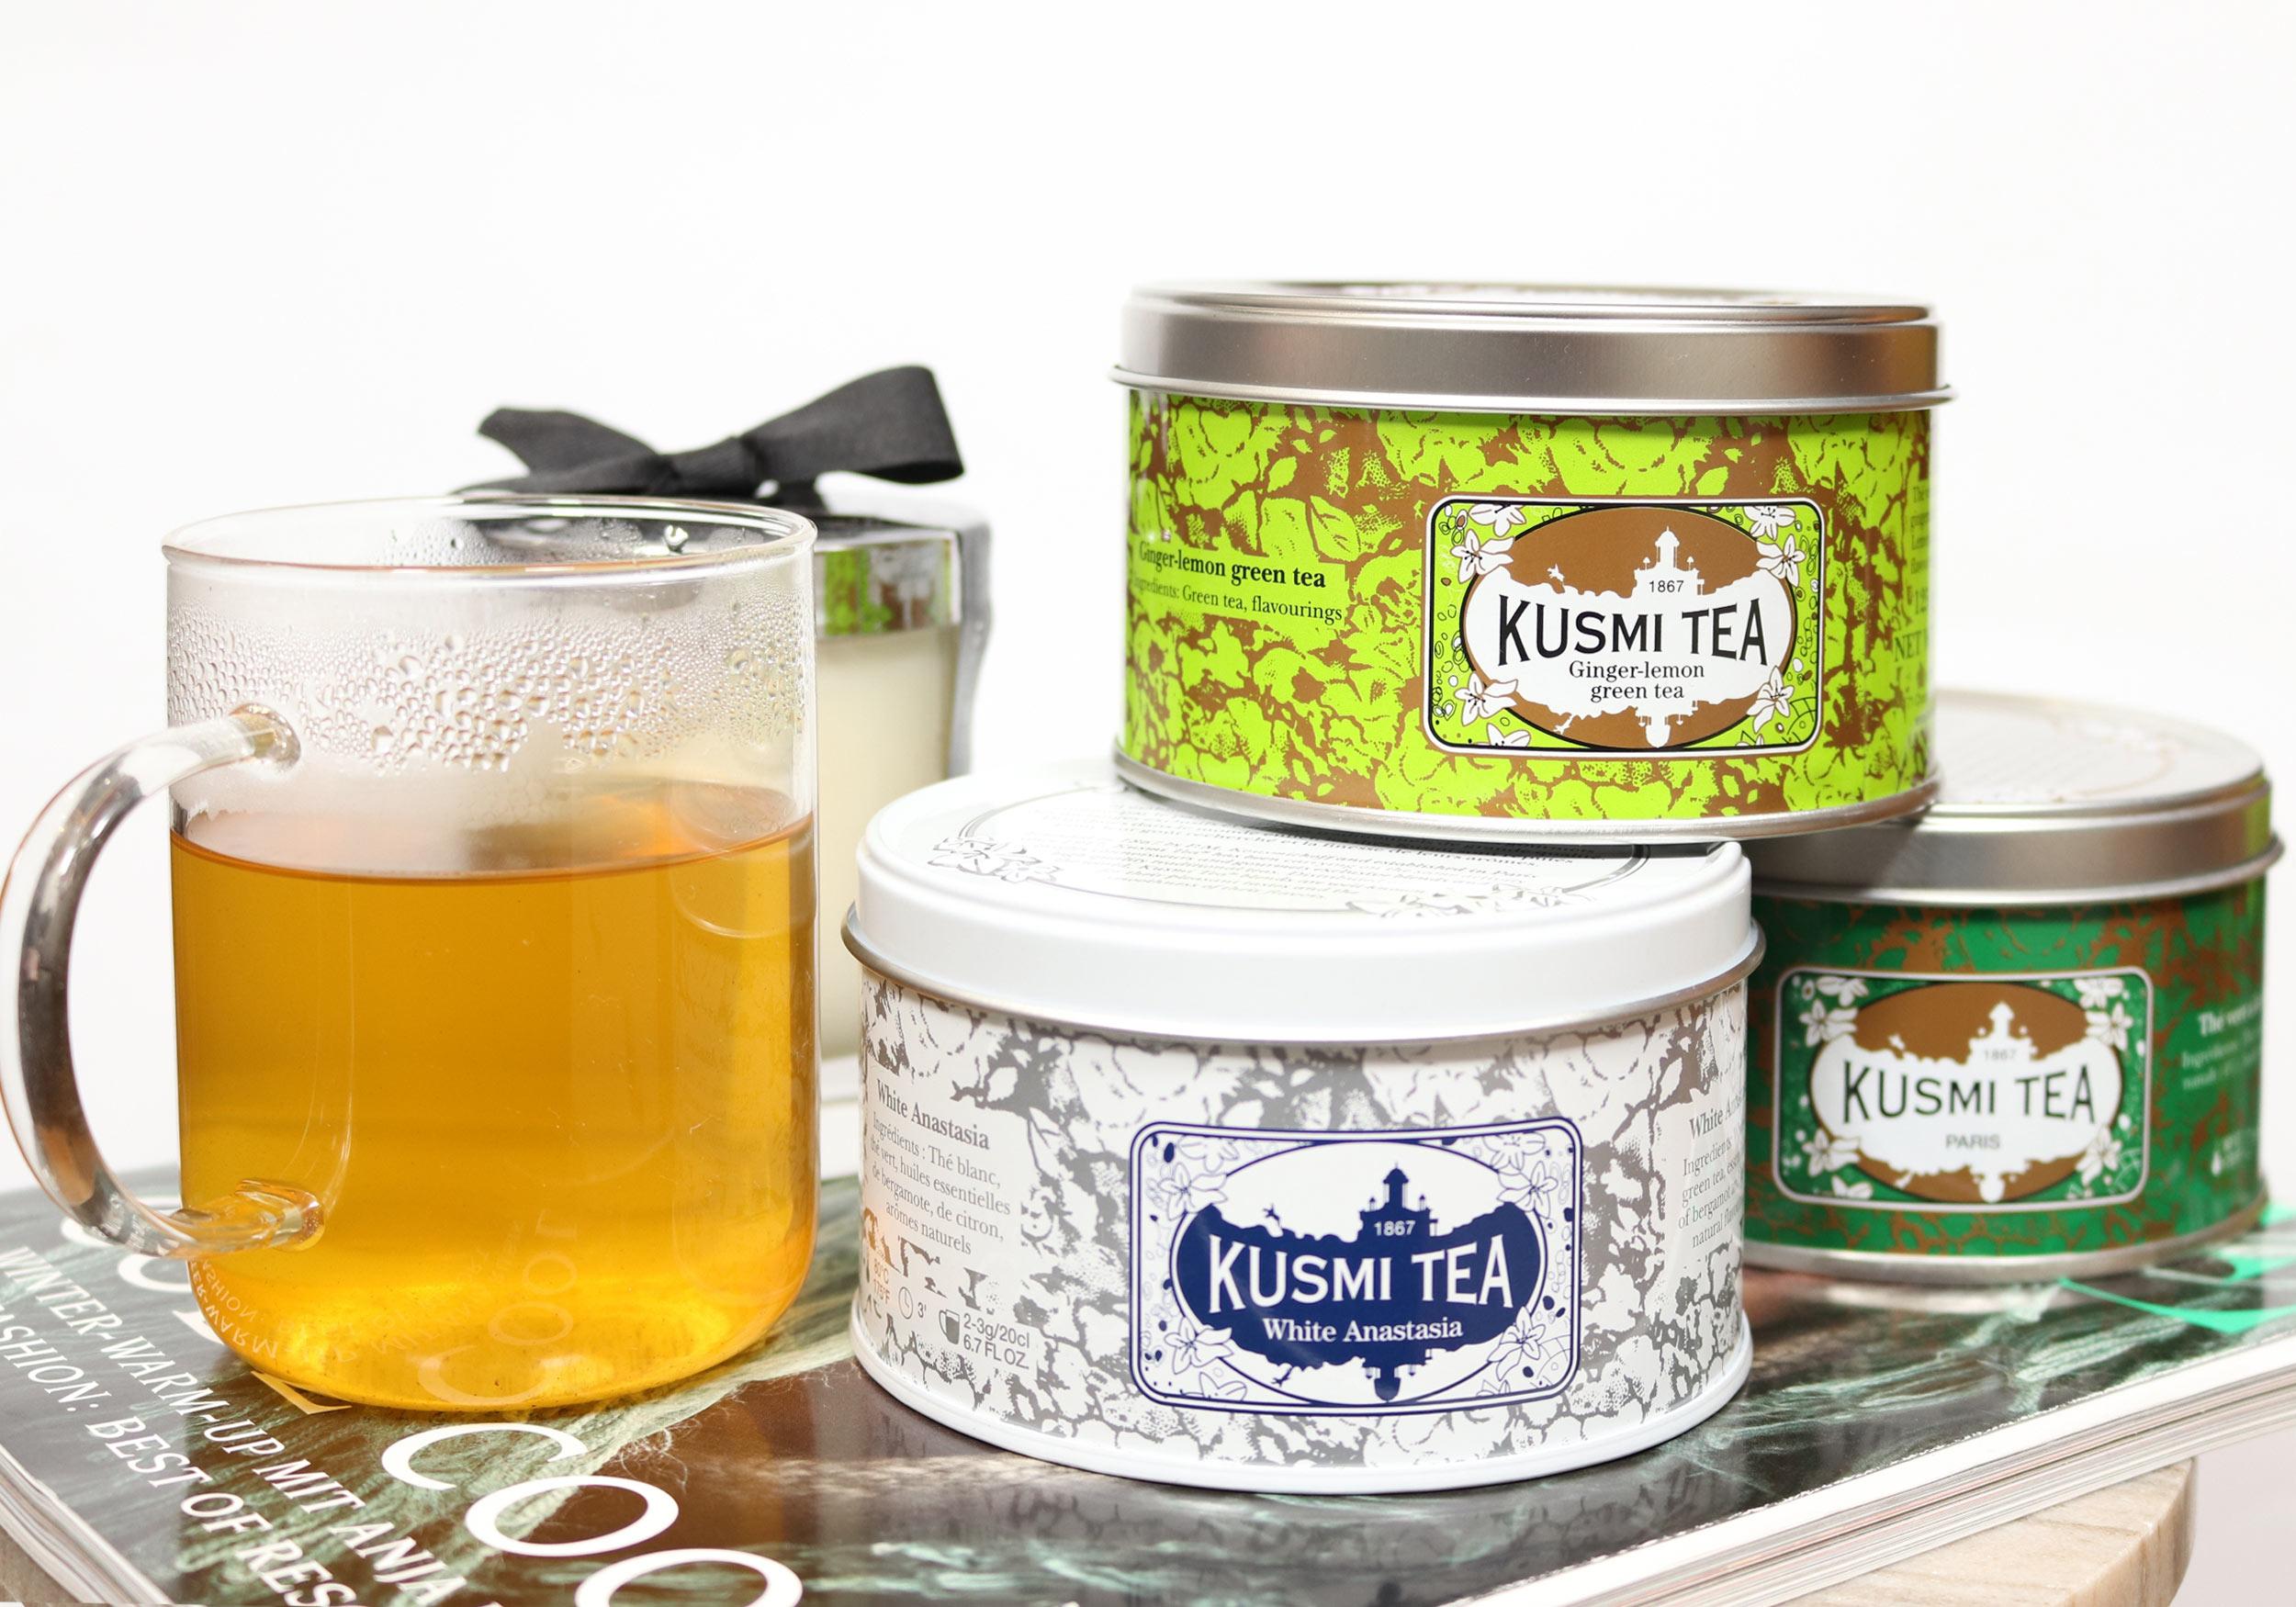 KUSMI TEA Ginger-Lemon, White Anastasia & Spearmint